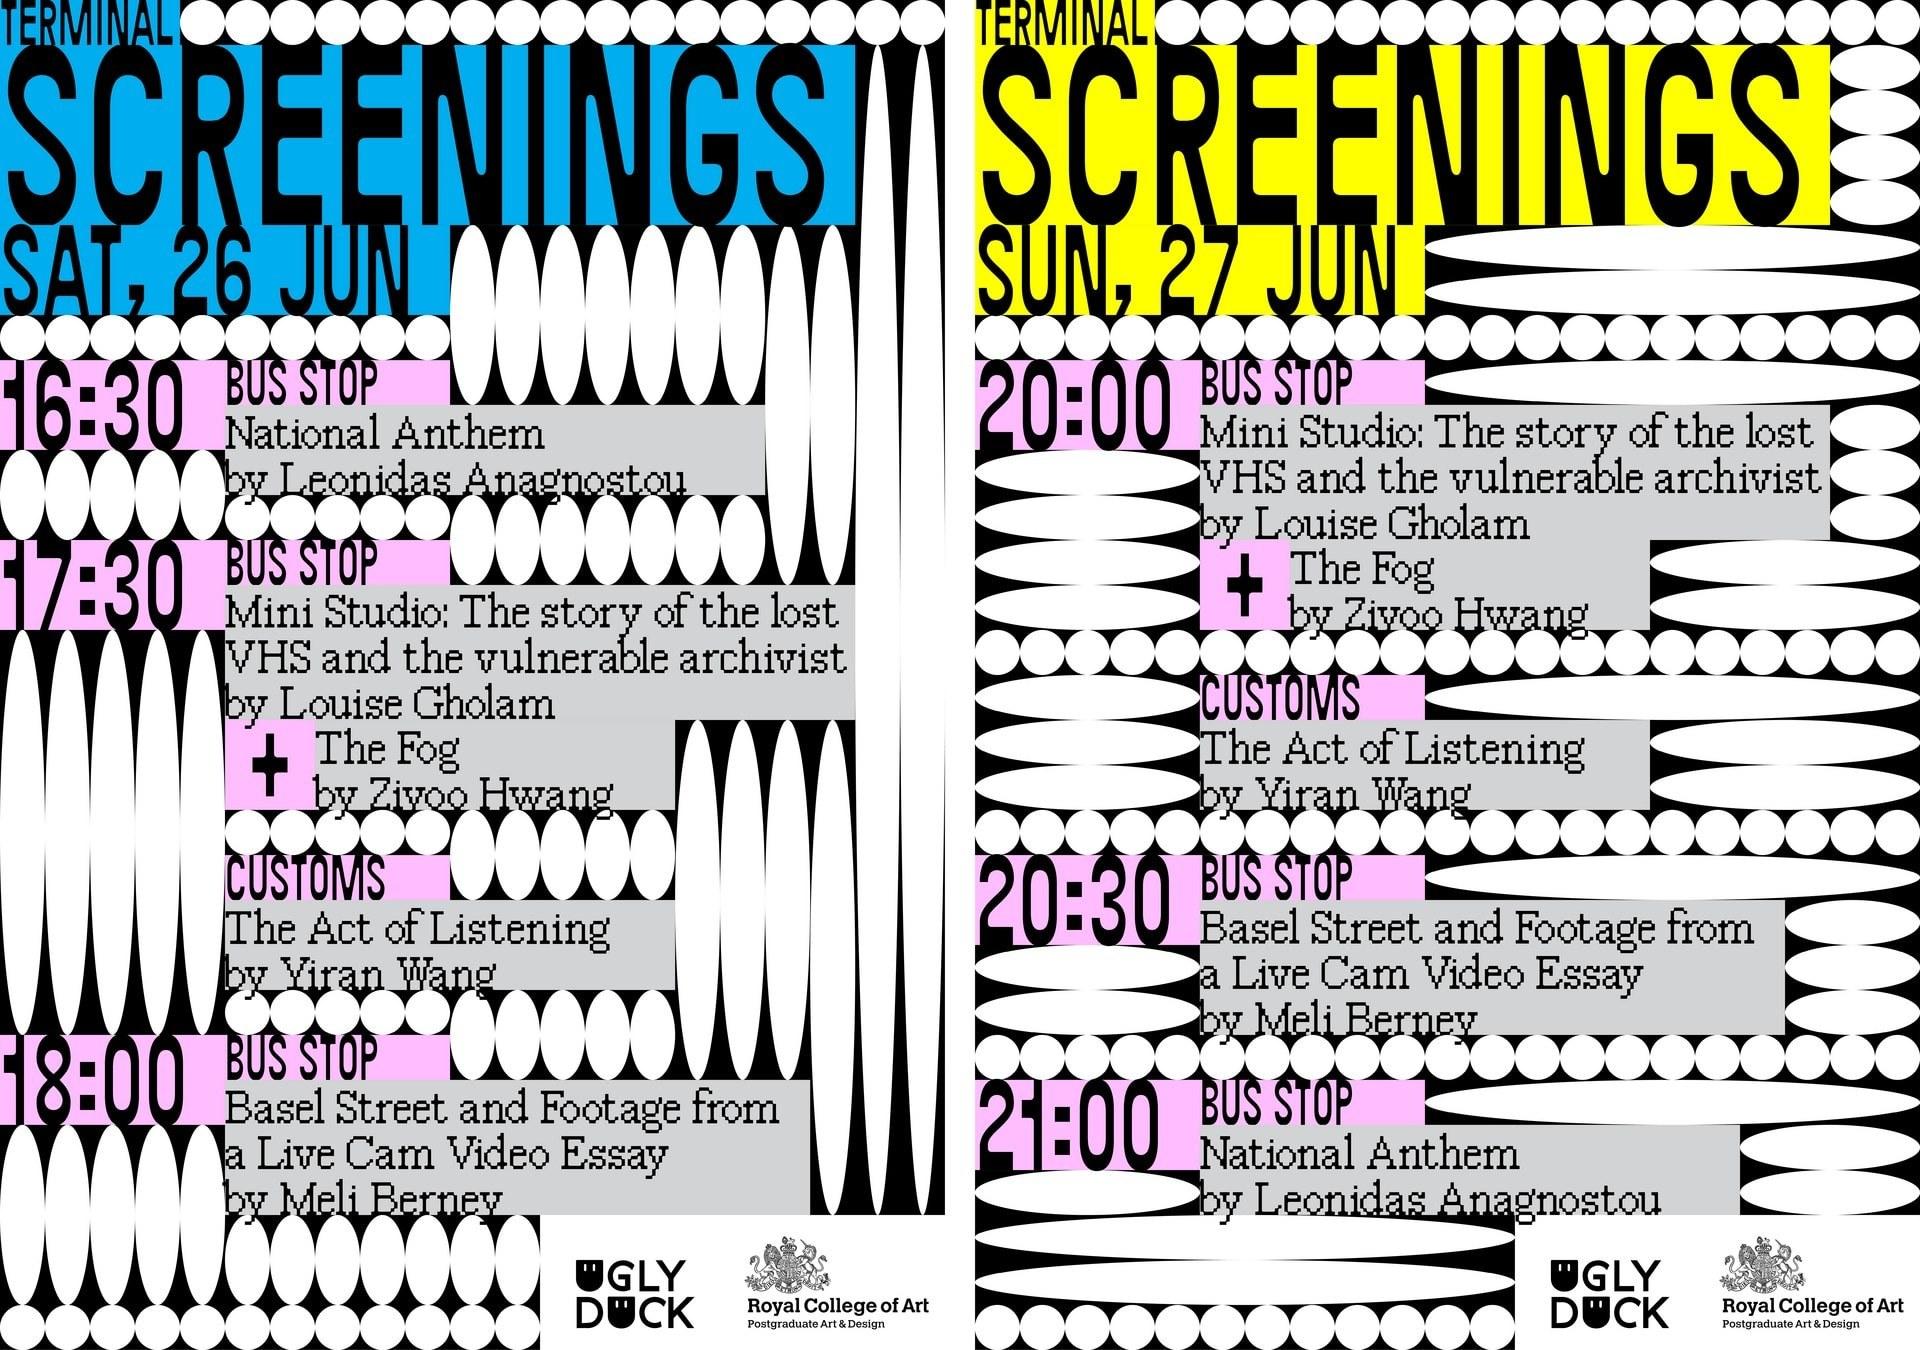 Screenings